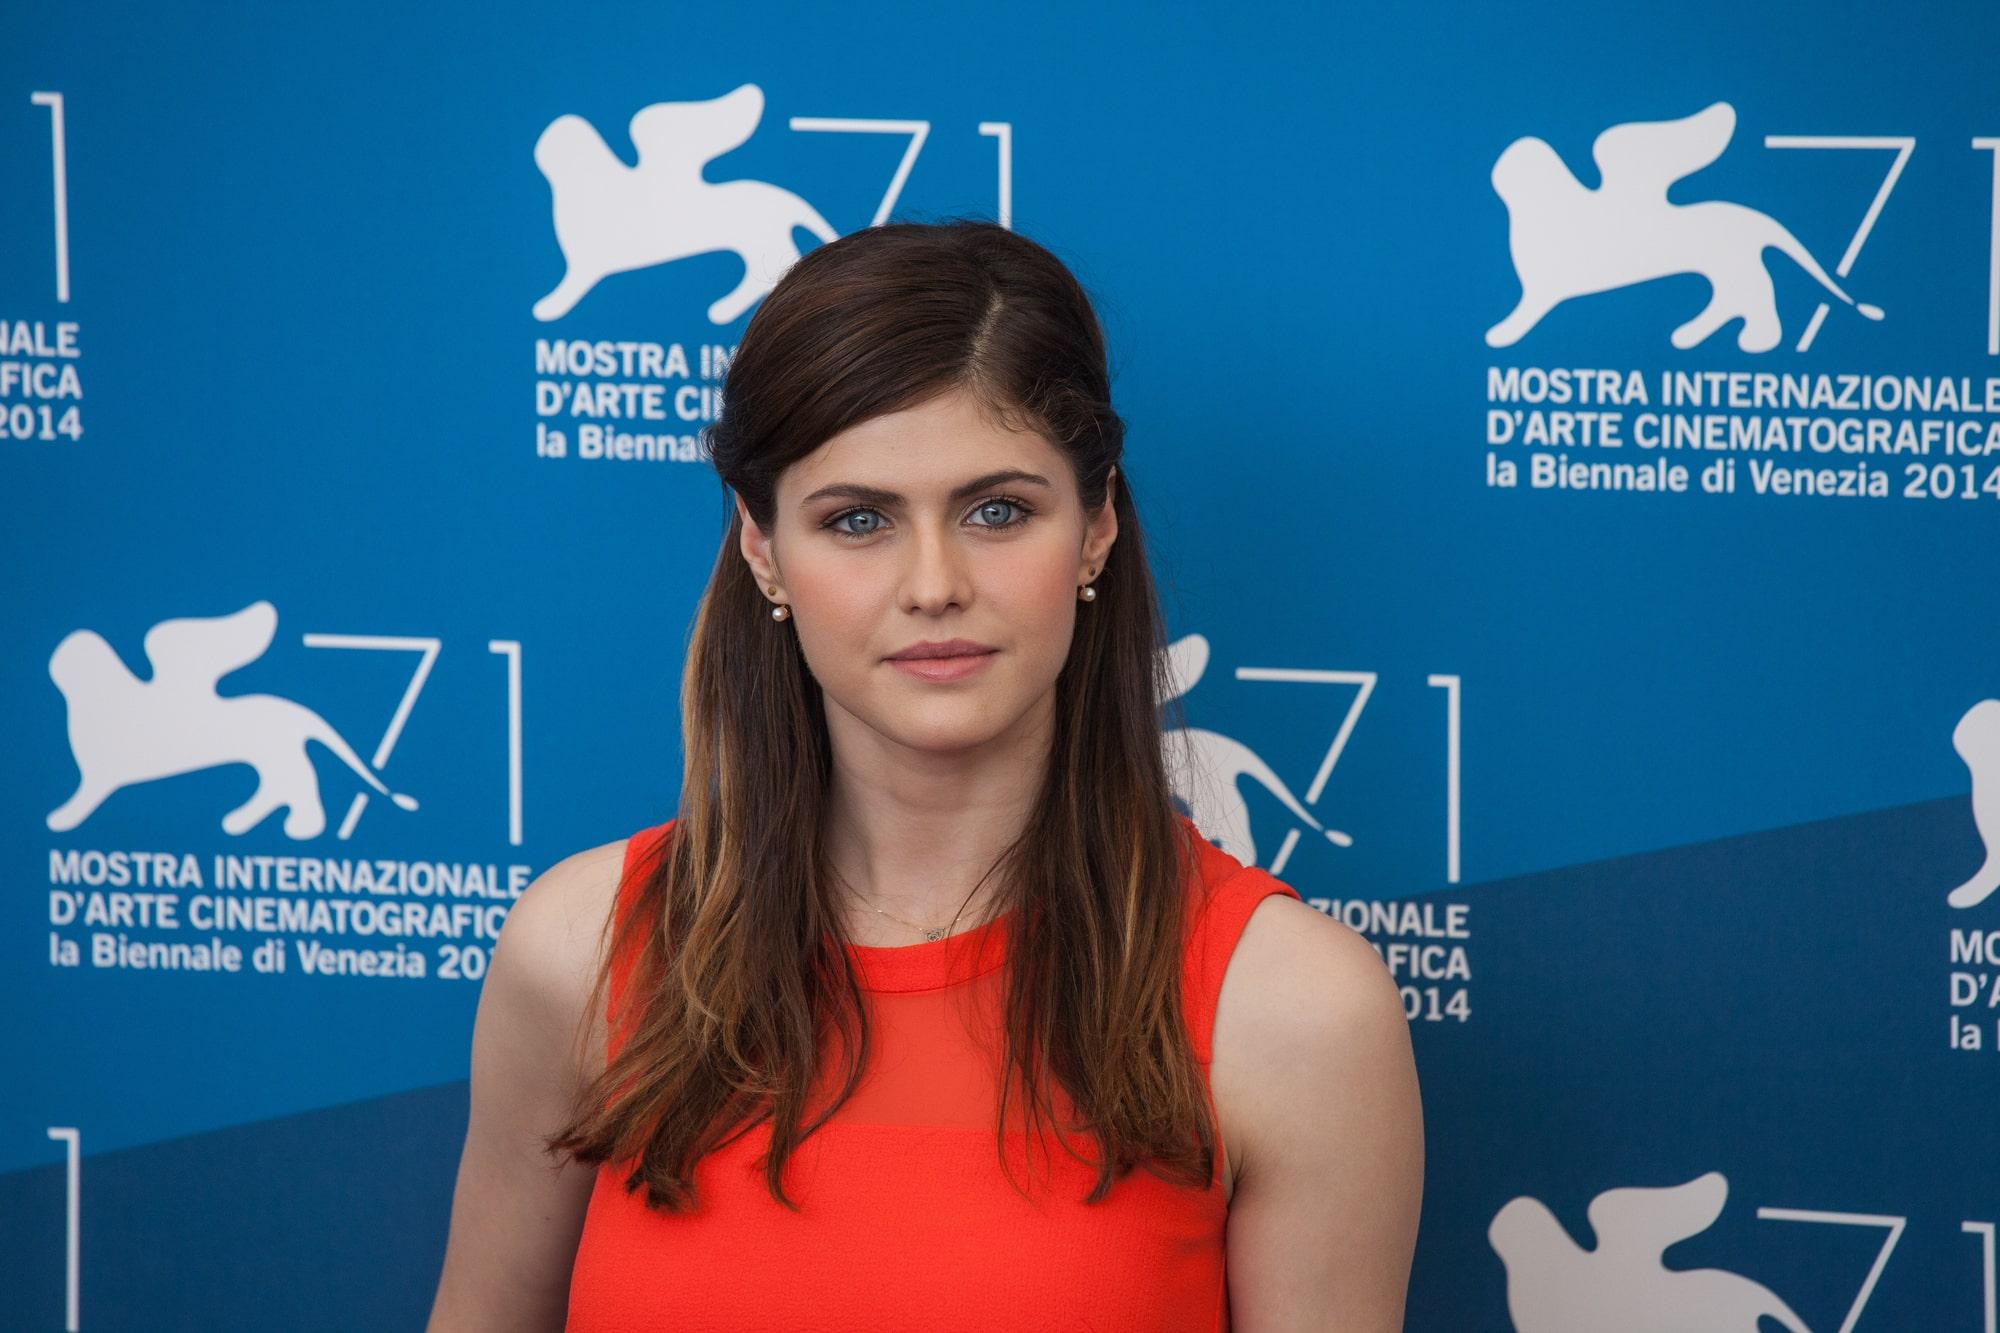 Актриса Александра Даддарио рассказала о работе над фильмом про пандемию